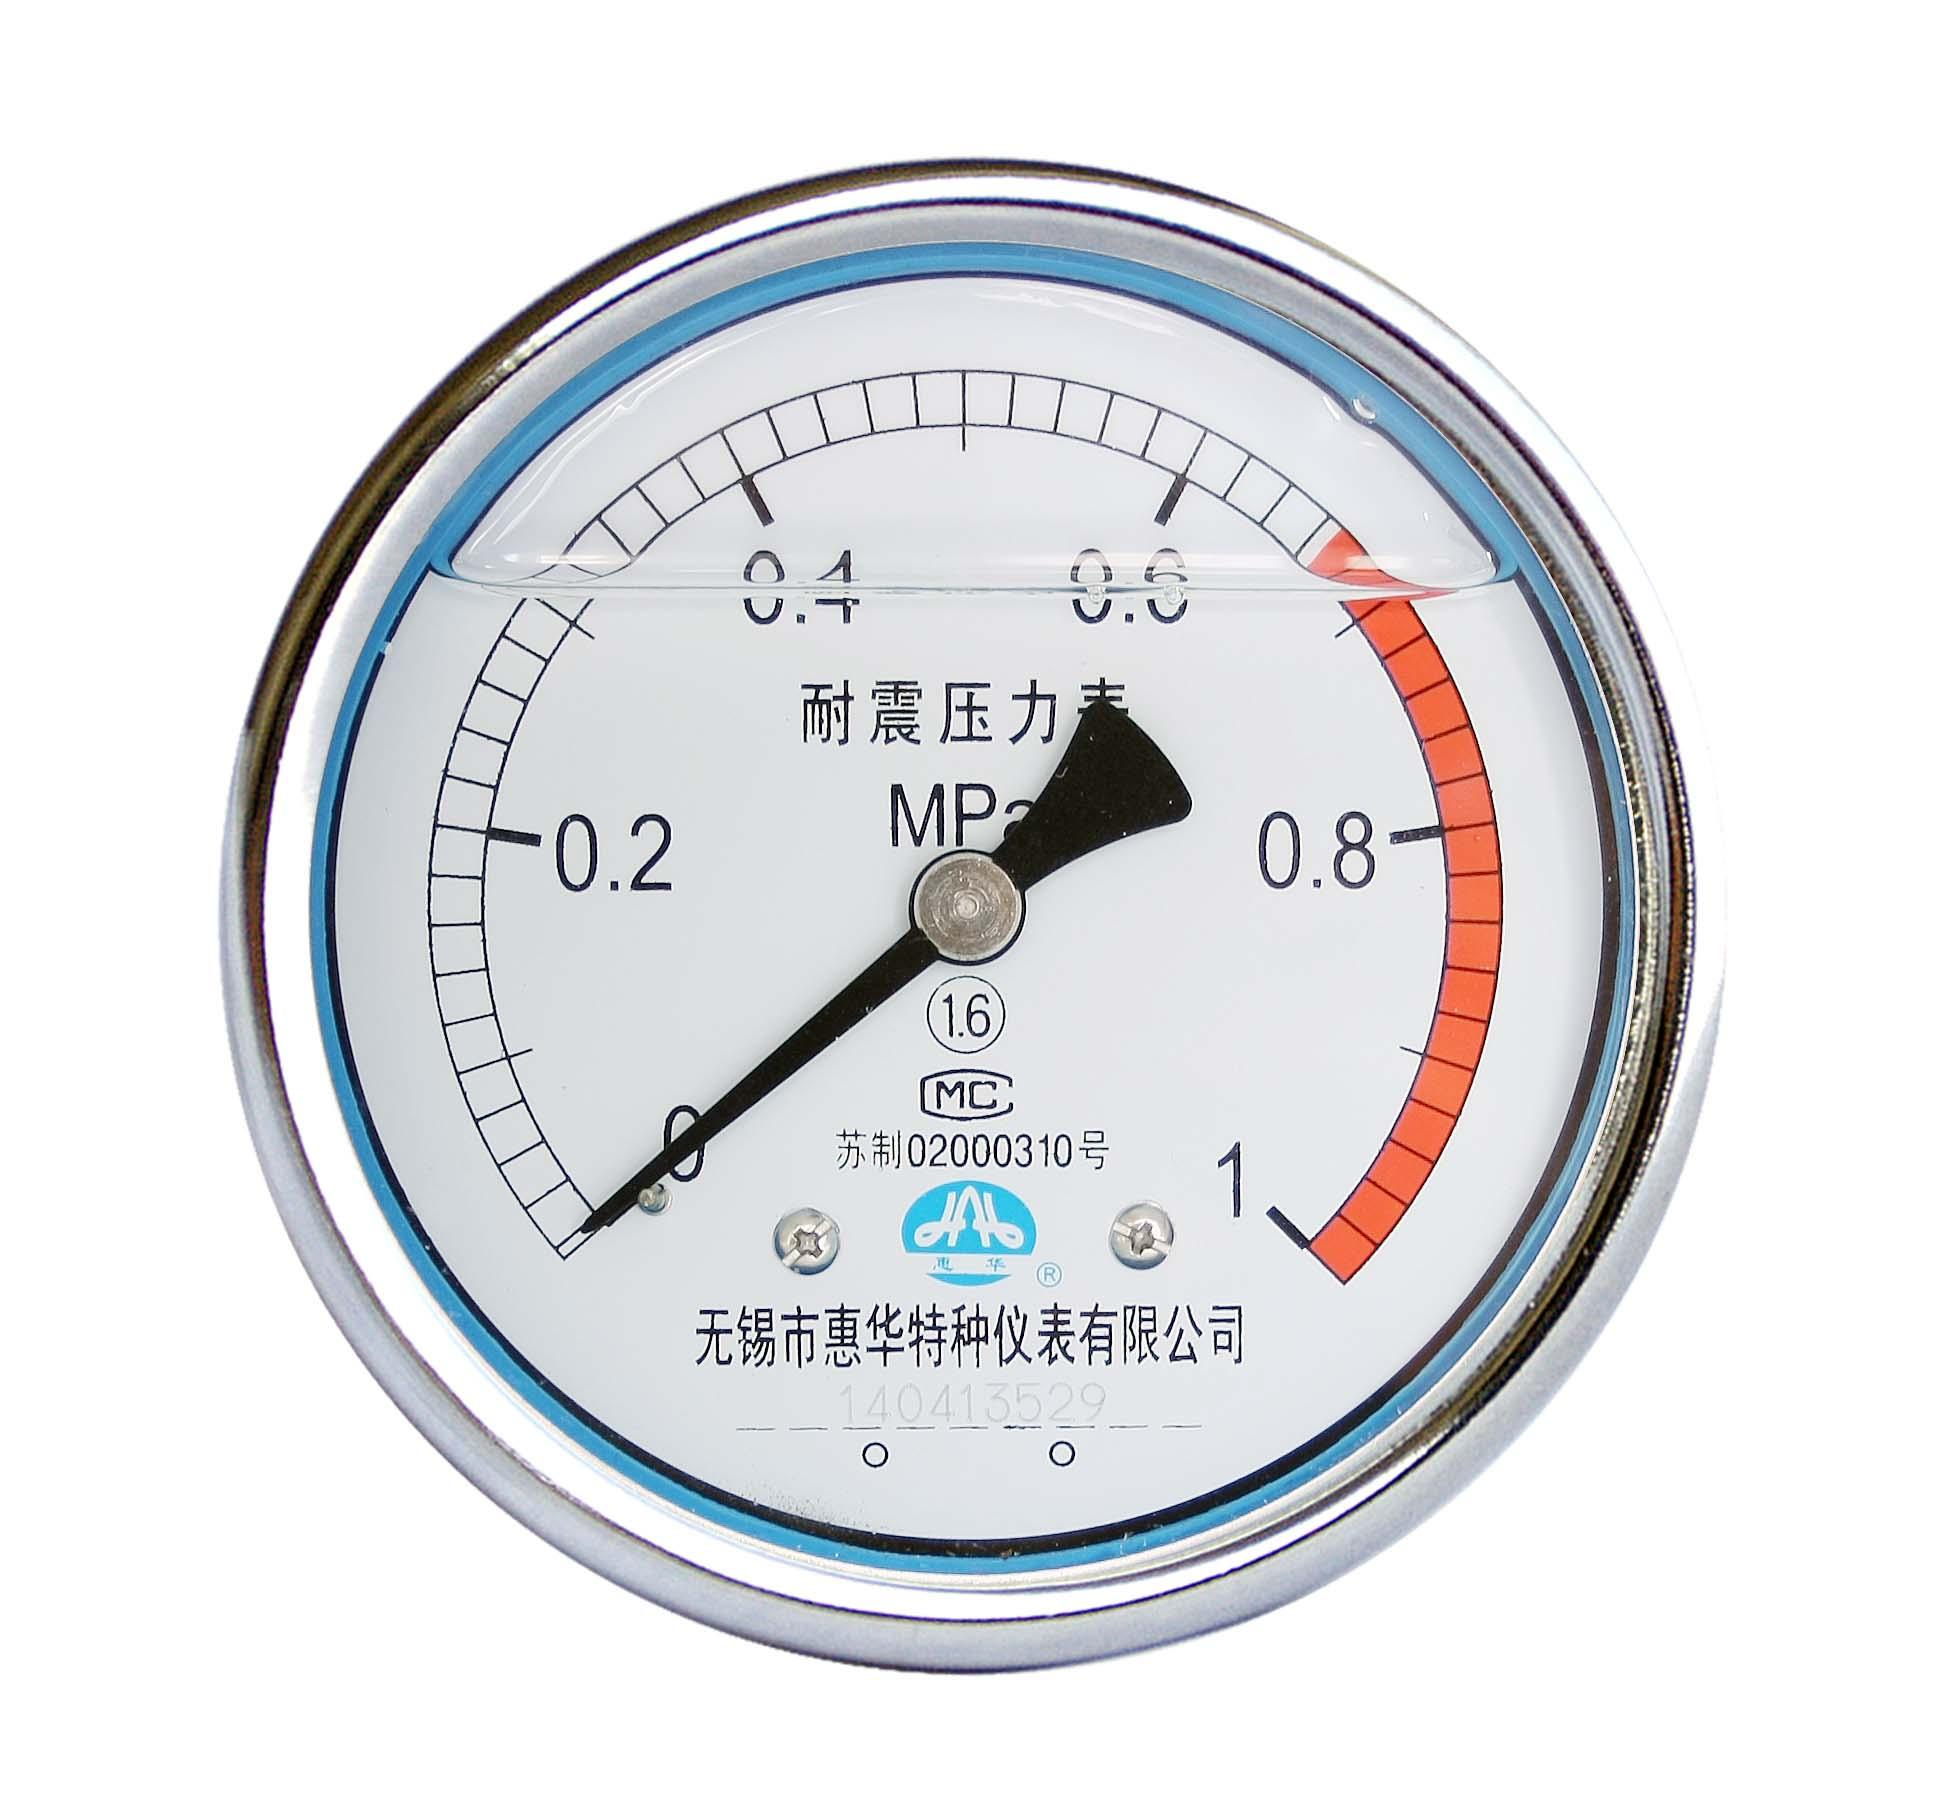 不鏽鋼耐震壓力表 耐震不鏽鋼壓力表 5